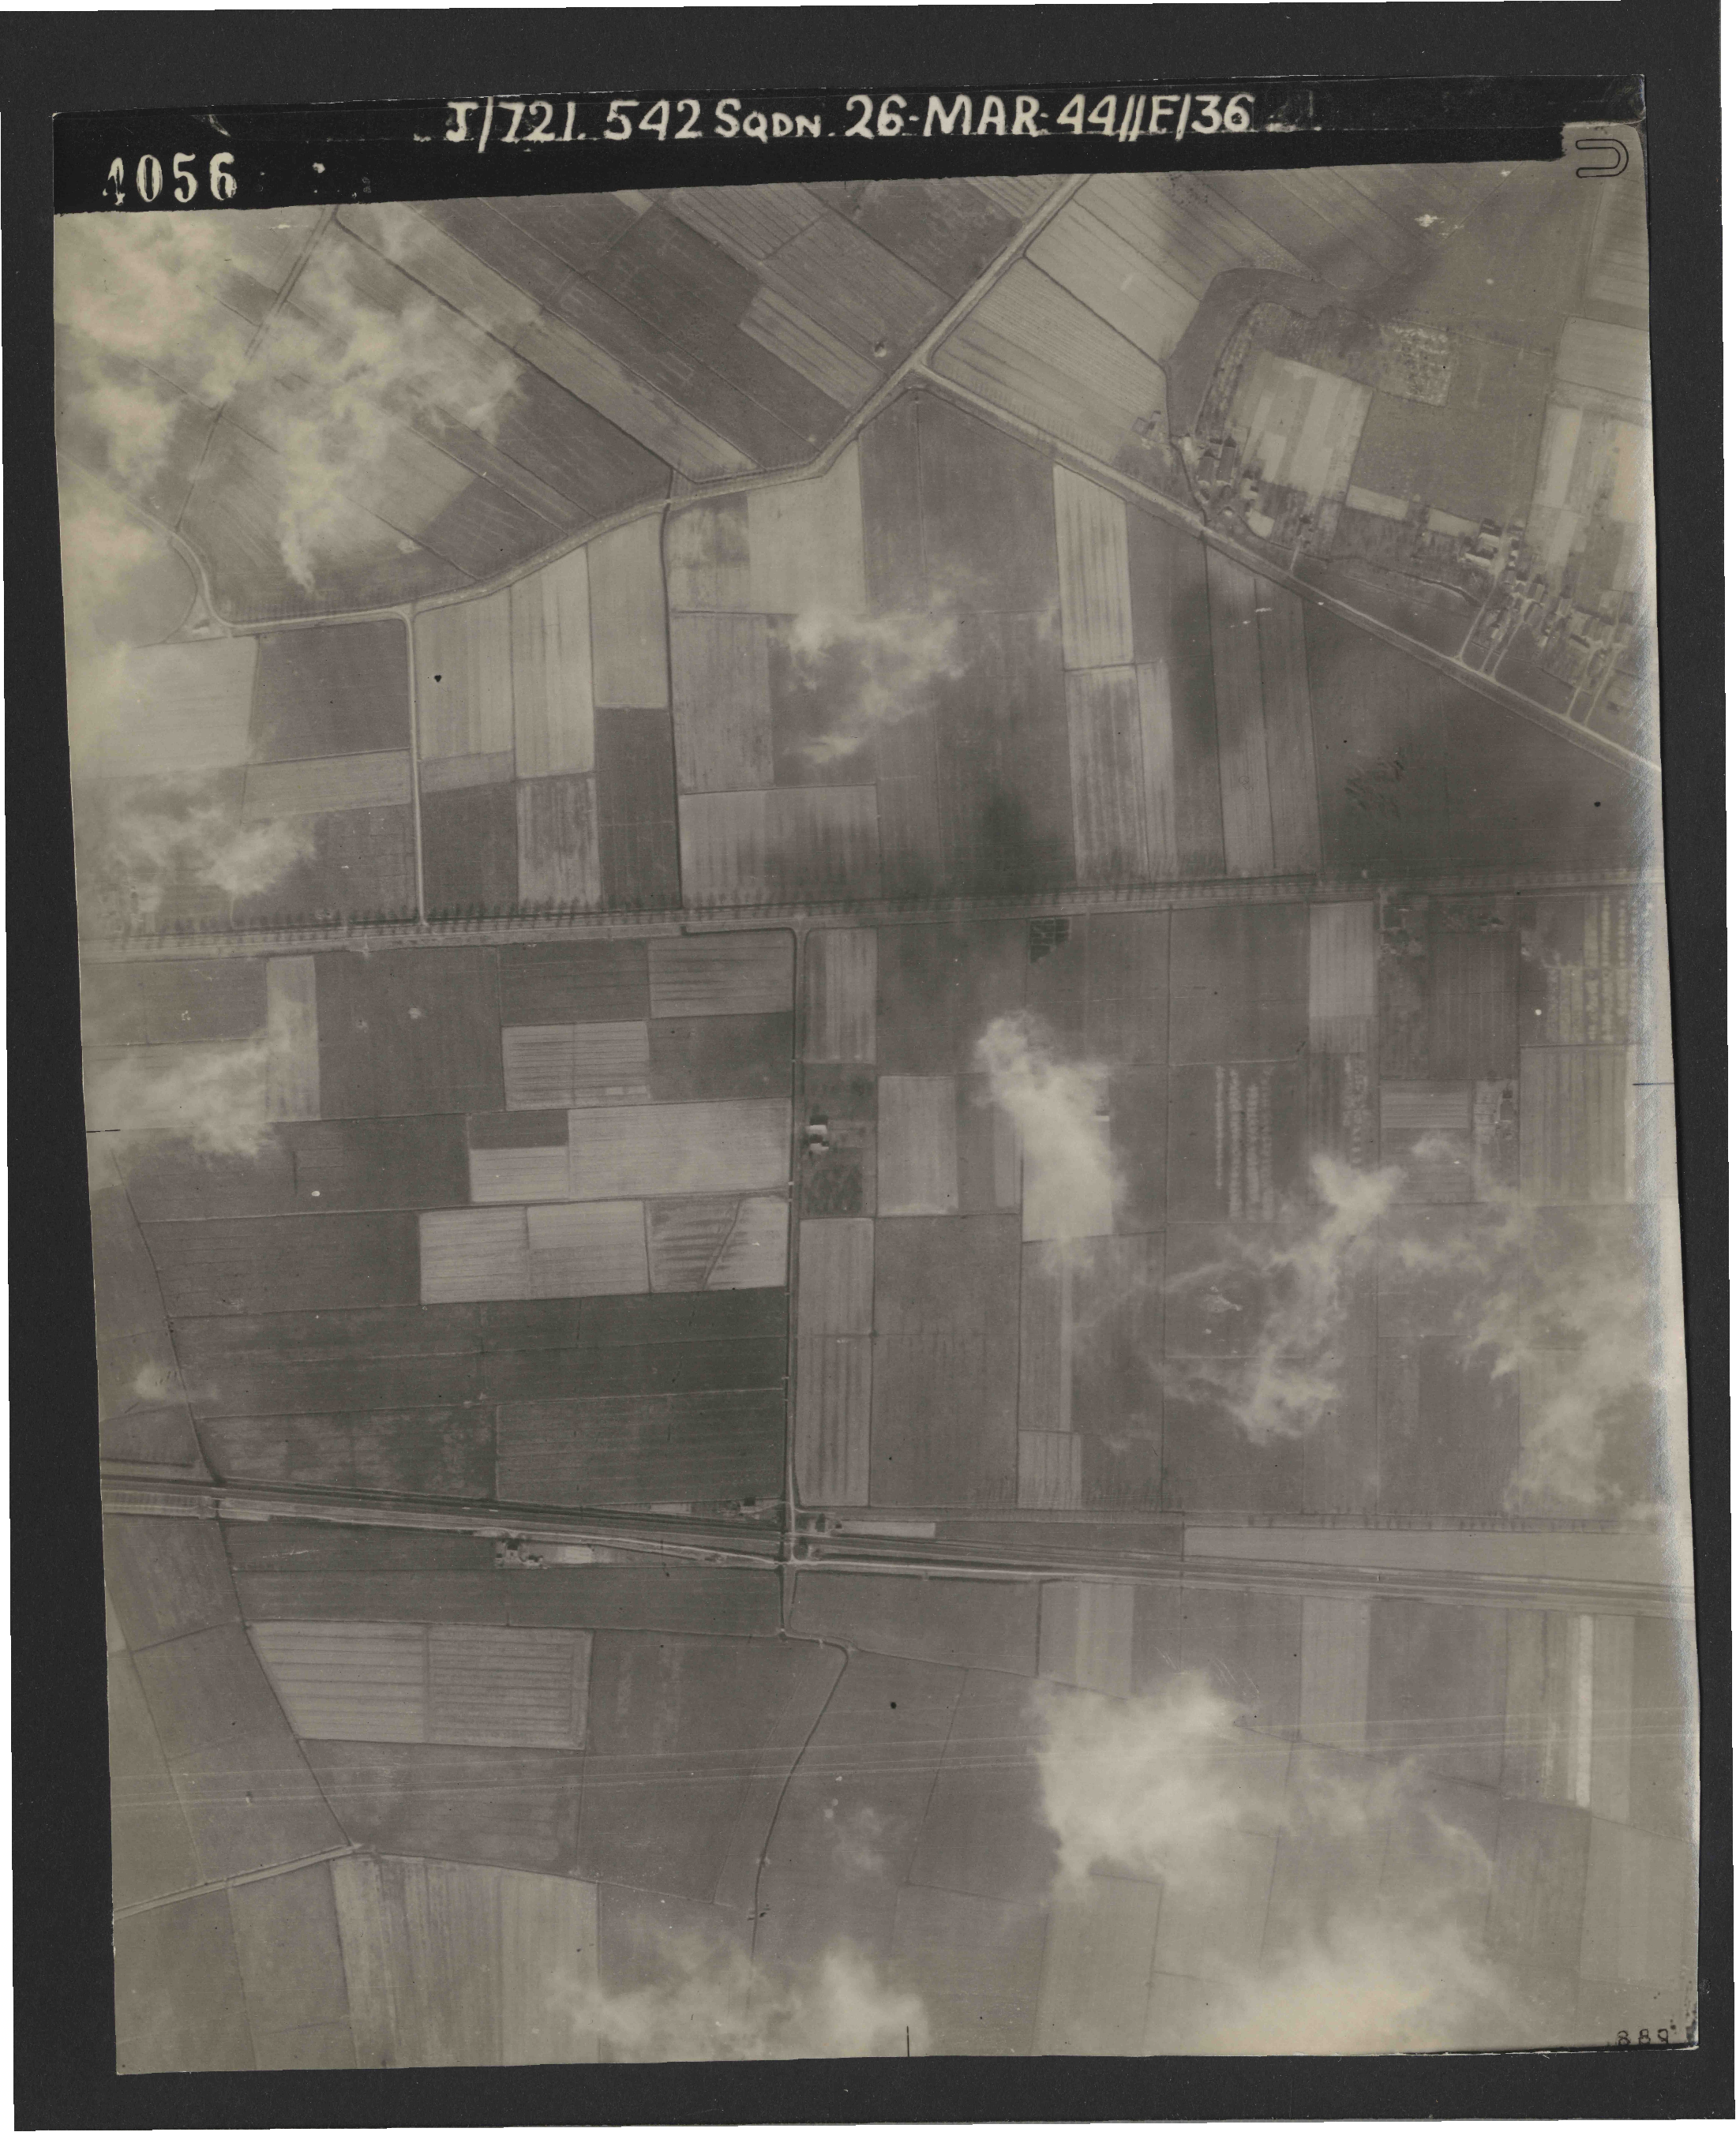 Collection RAF aerial photos 1940-1945 - flight 349, run 08, photo 4056